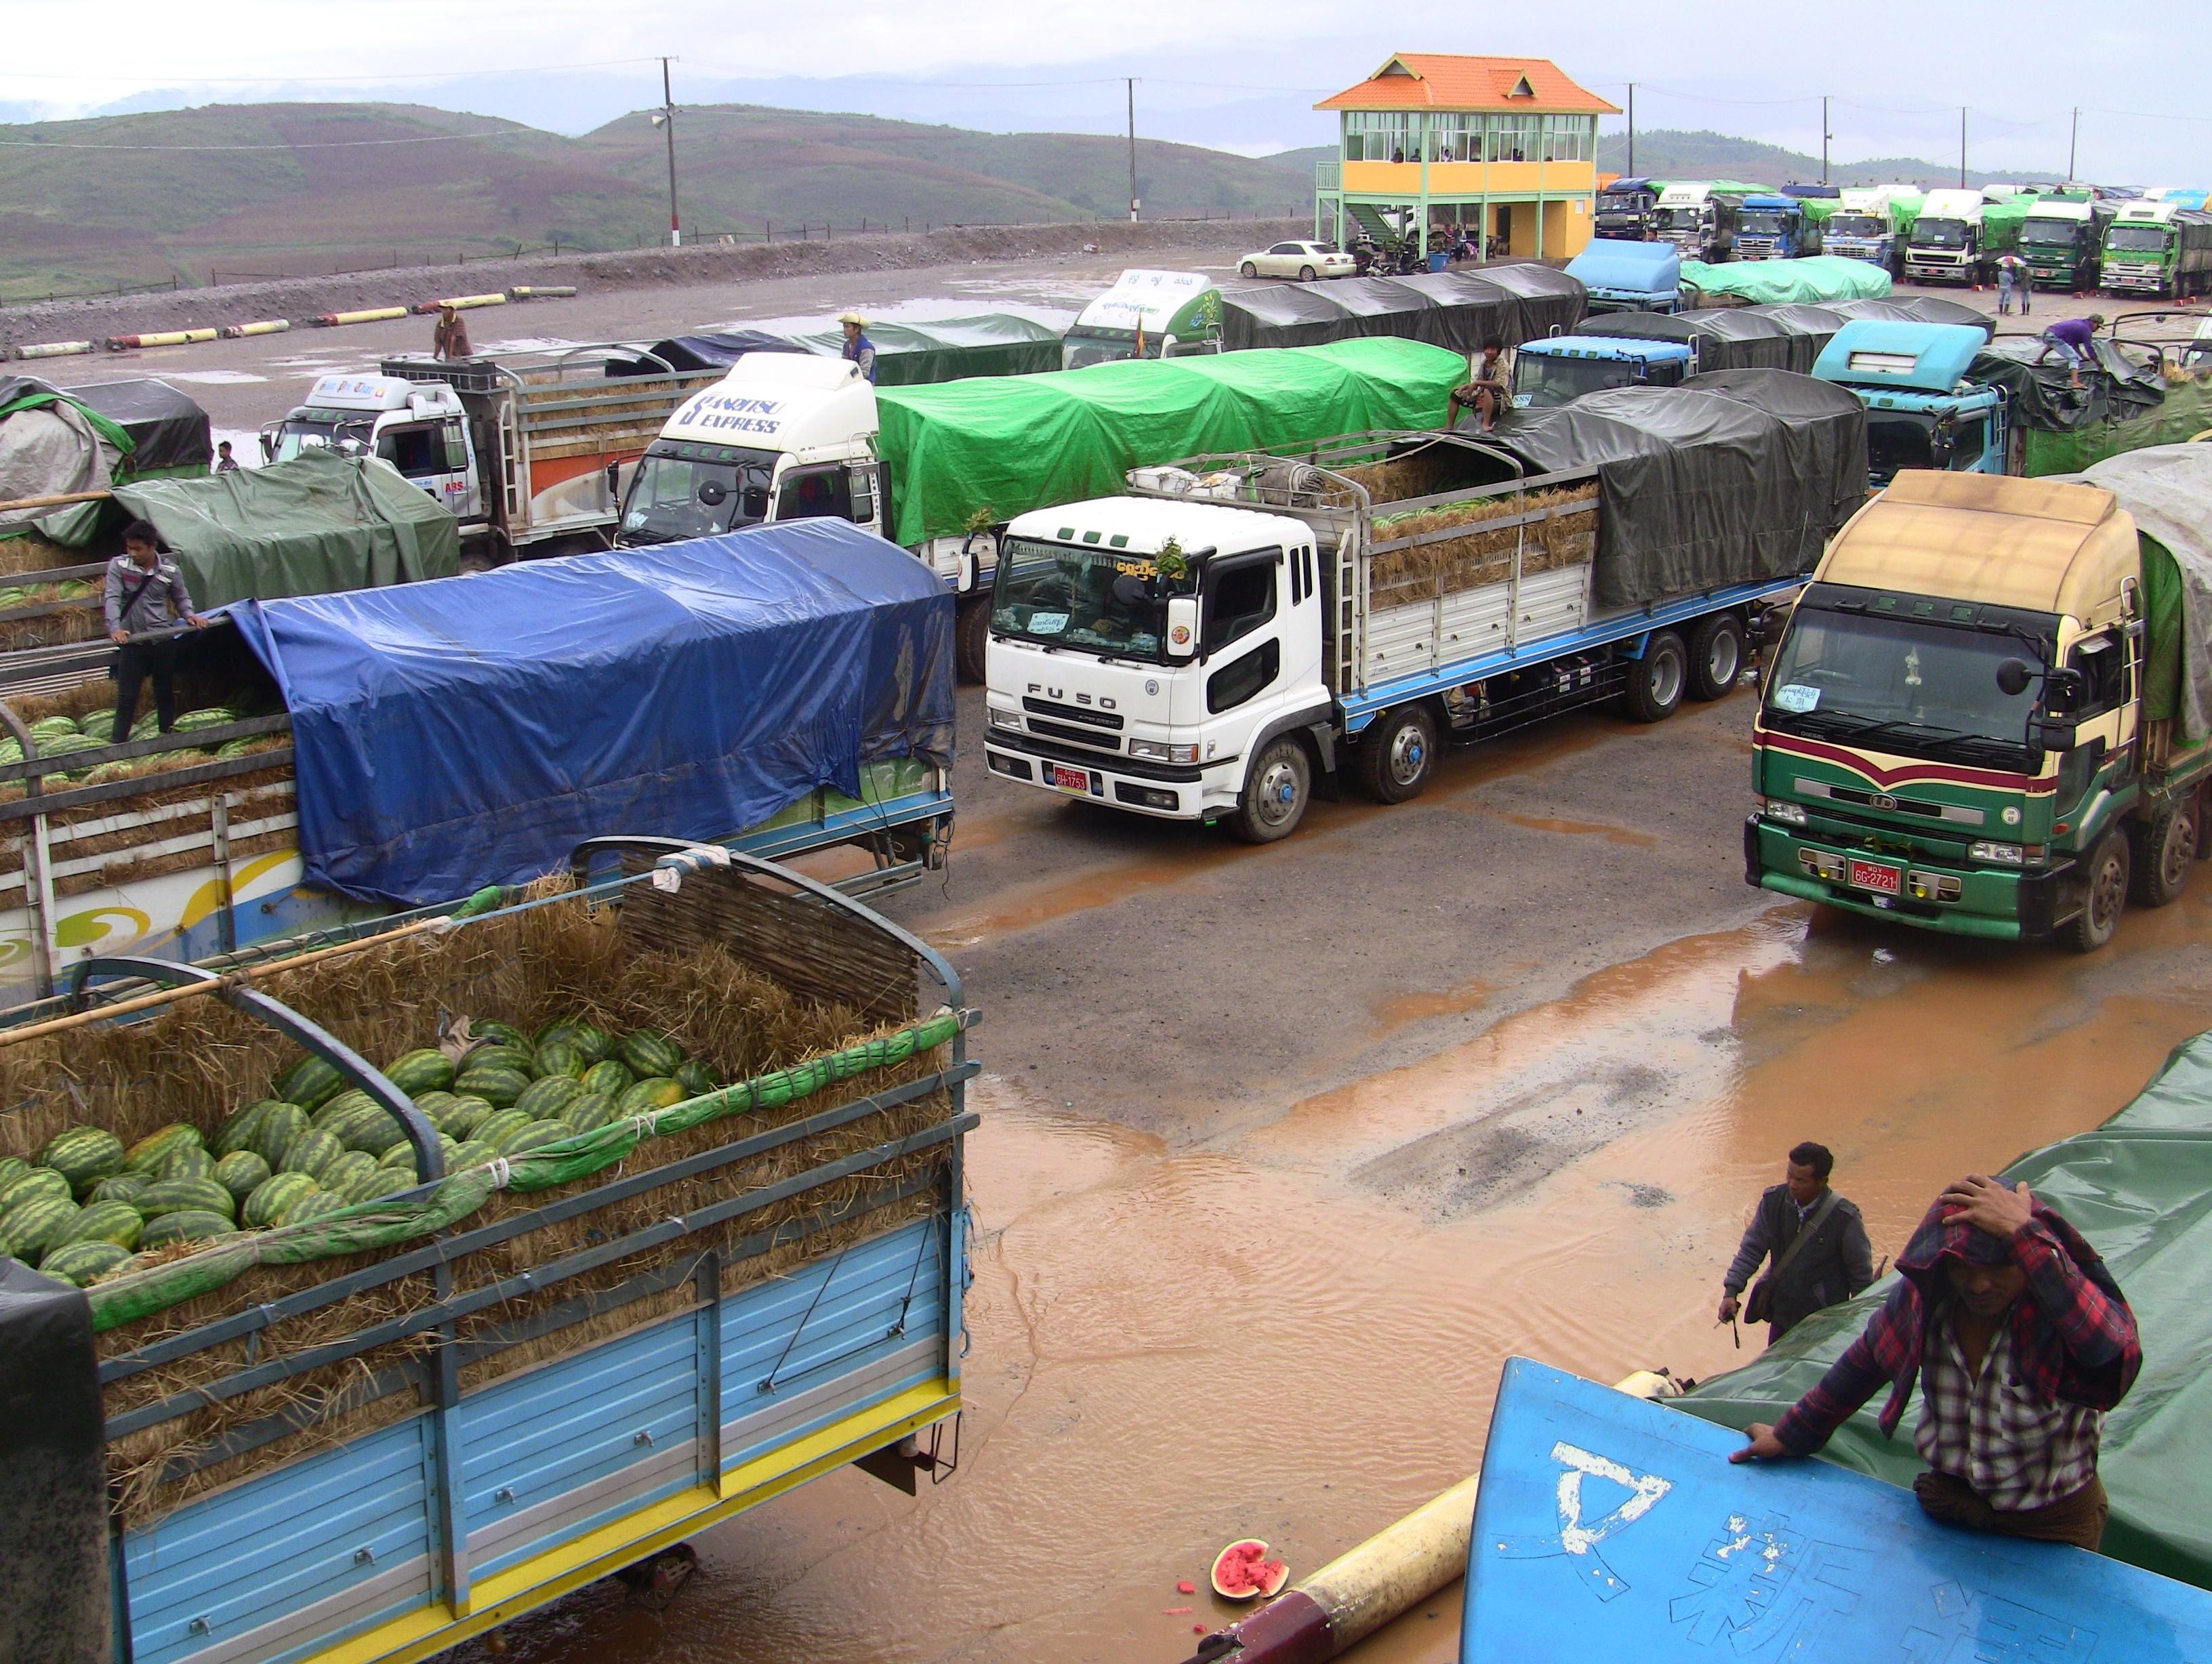 ကြူကုတ်-ပန်ဆိုင်းလမ်းအား ယနေ့ ပြန်ဖွင့်ပေးမည်